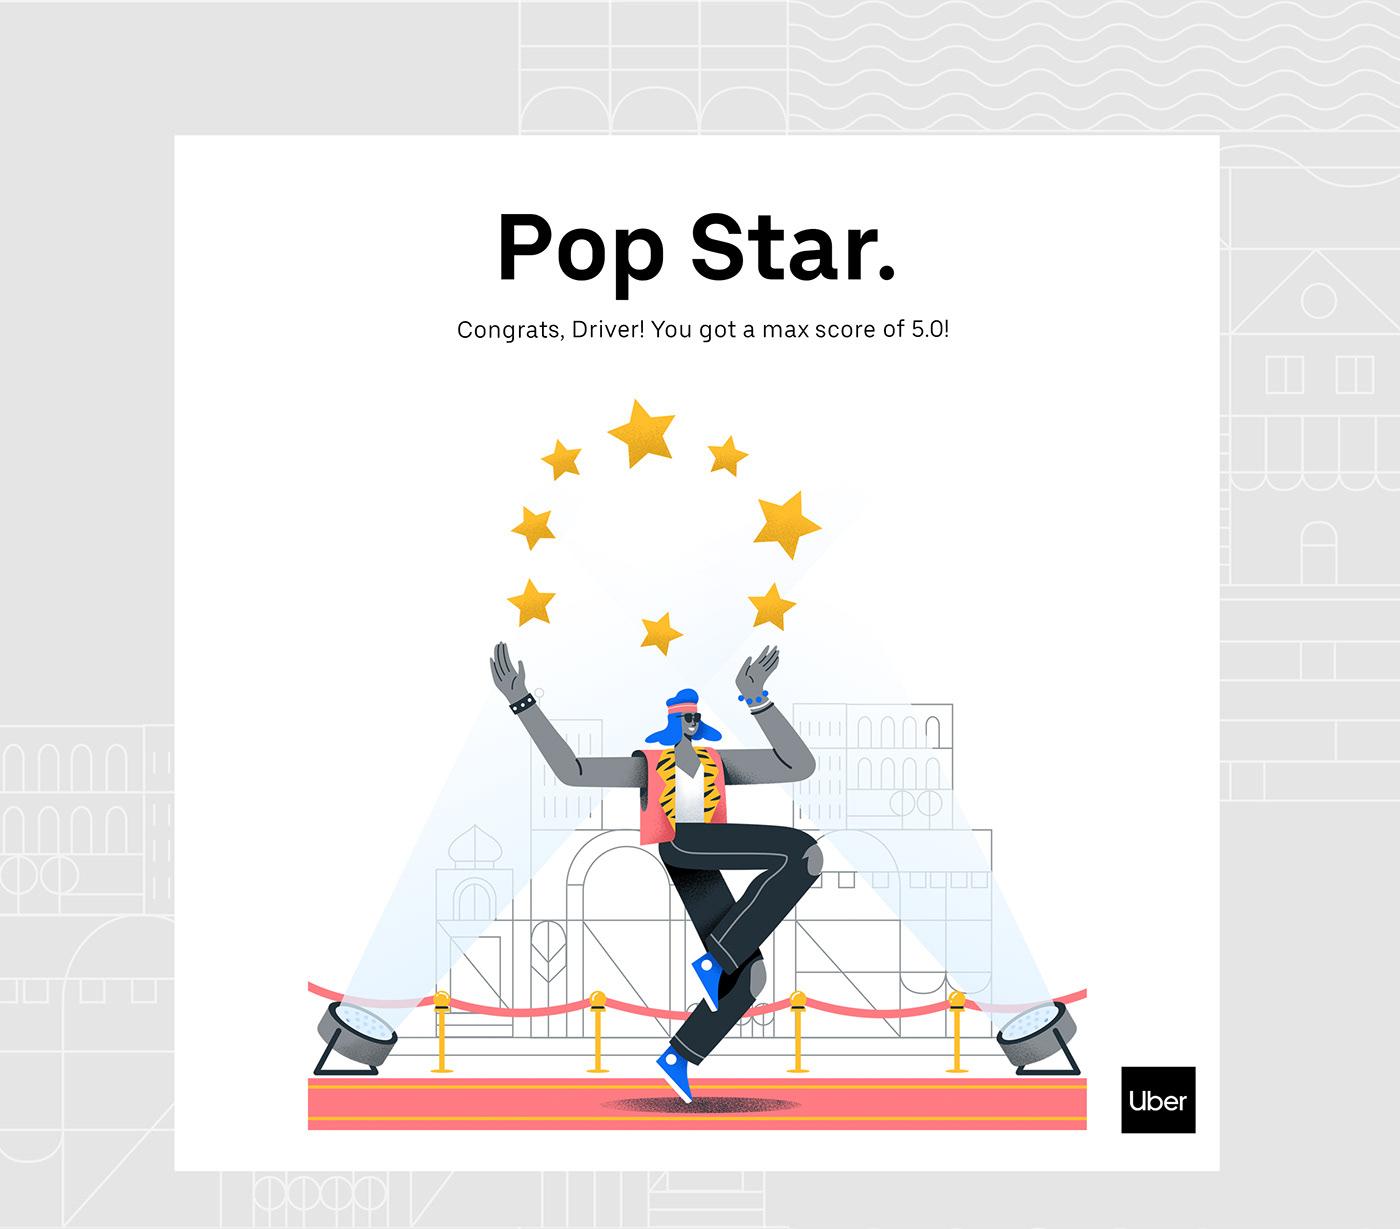 Uber design ILLUSTRATION  Character creative inspiration motion Gender brand flat